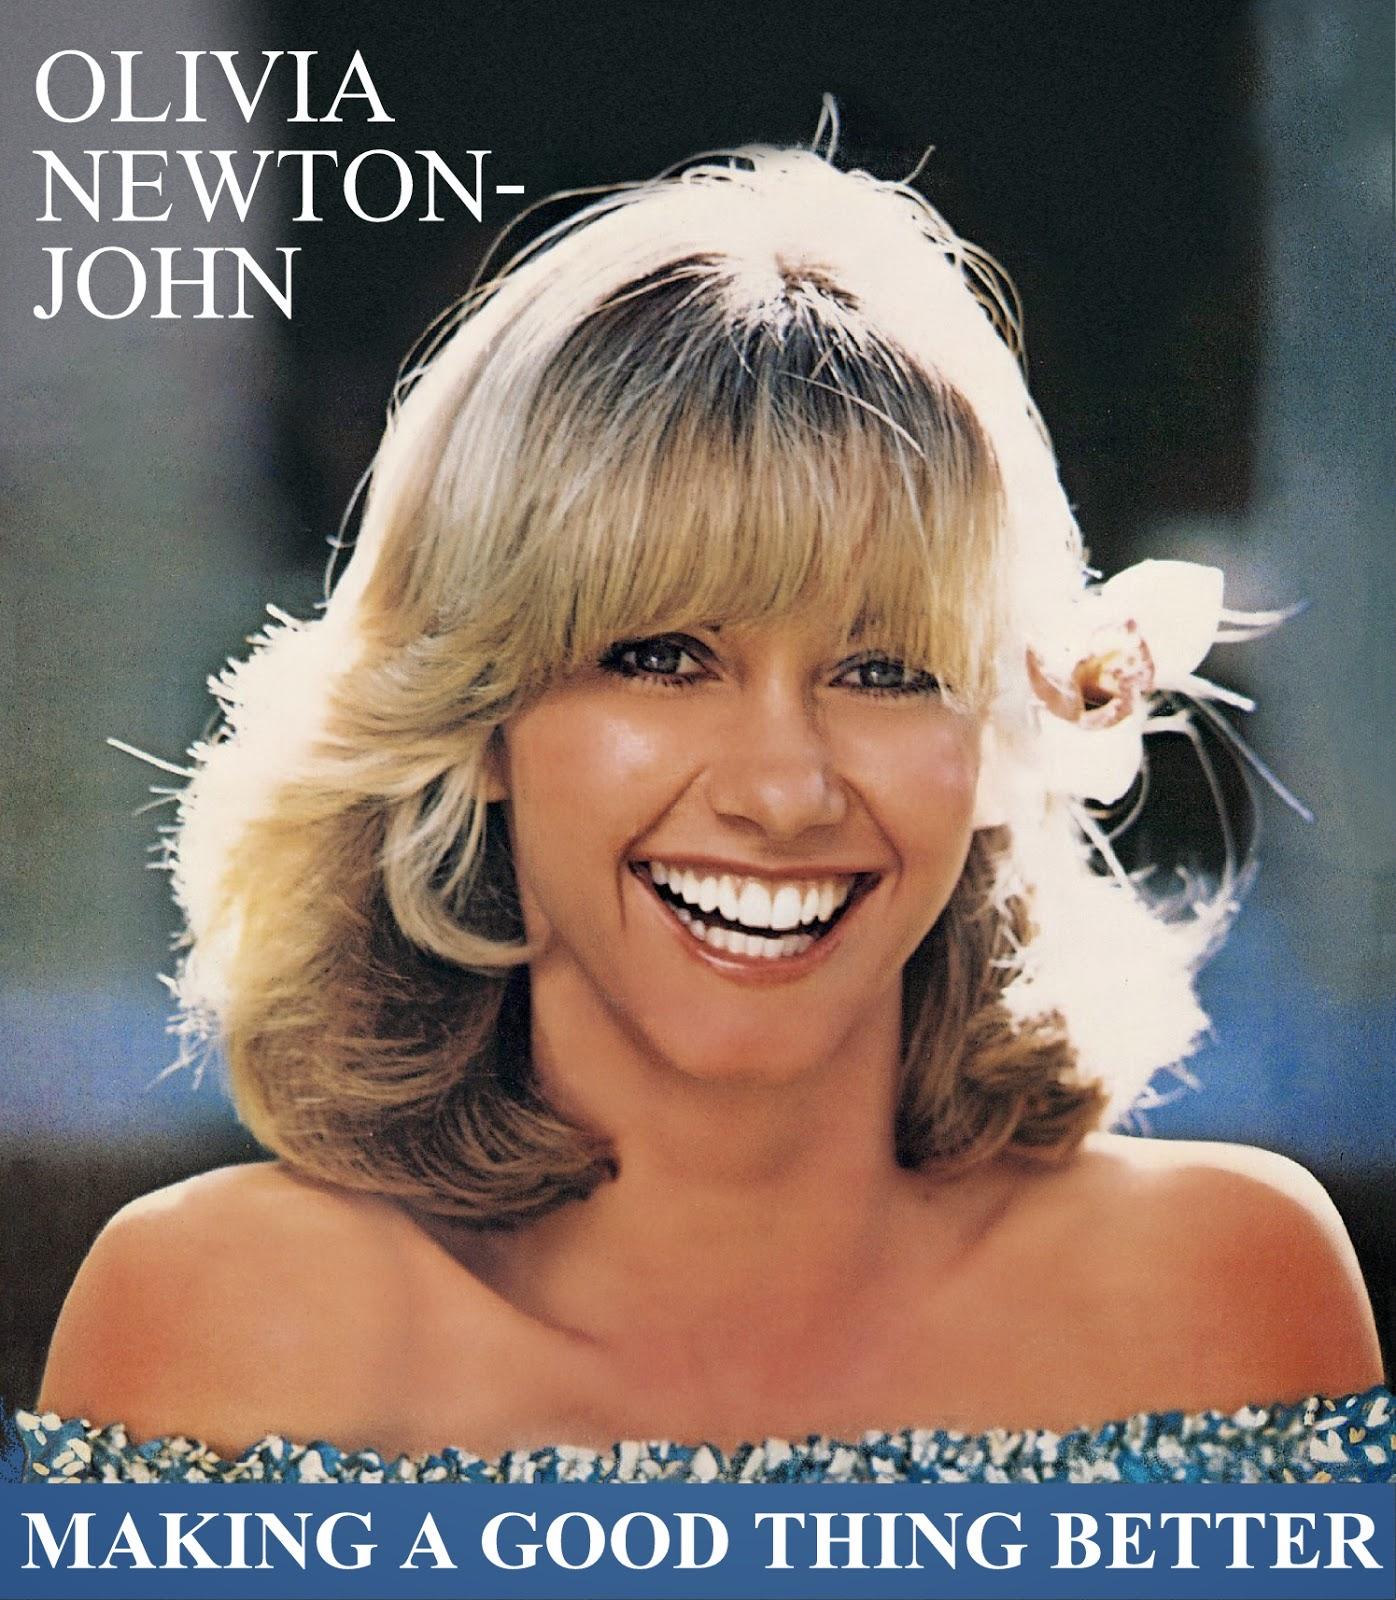 is olivia newton john bisexual